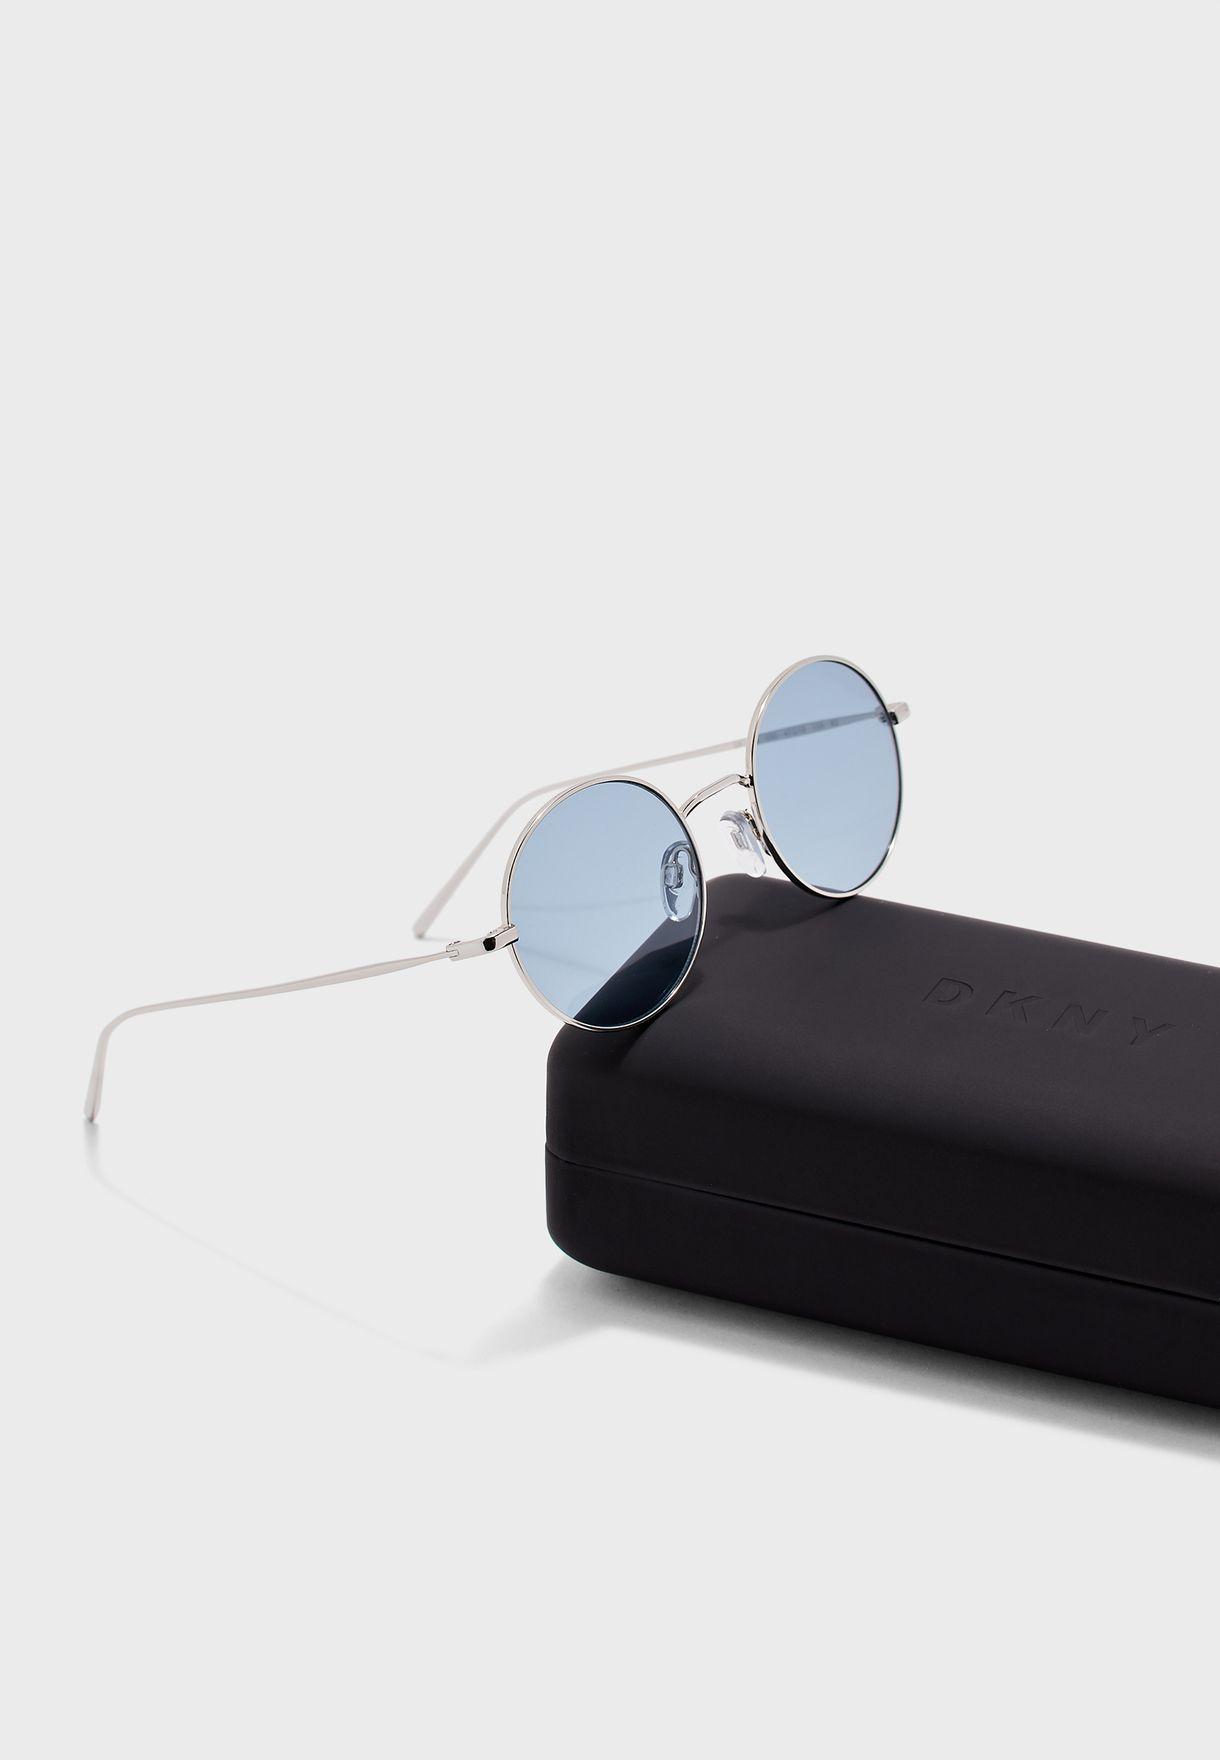 DK105S Round Sunglasses